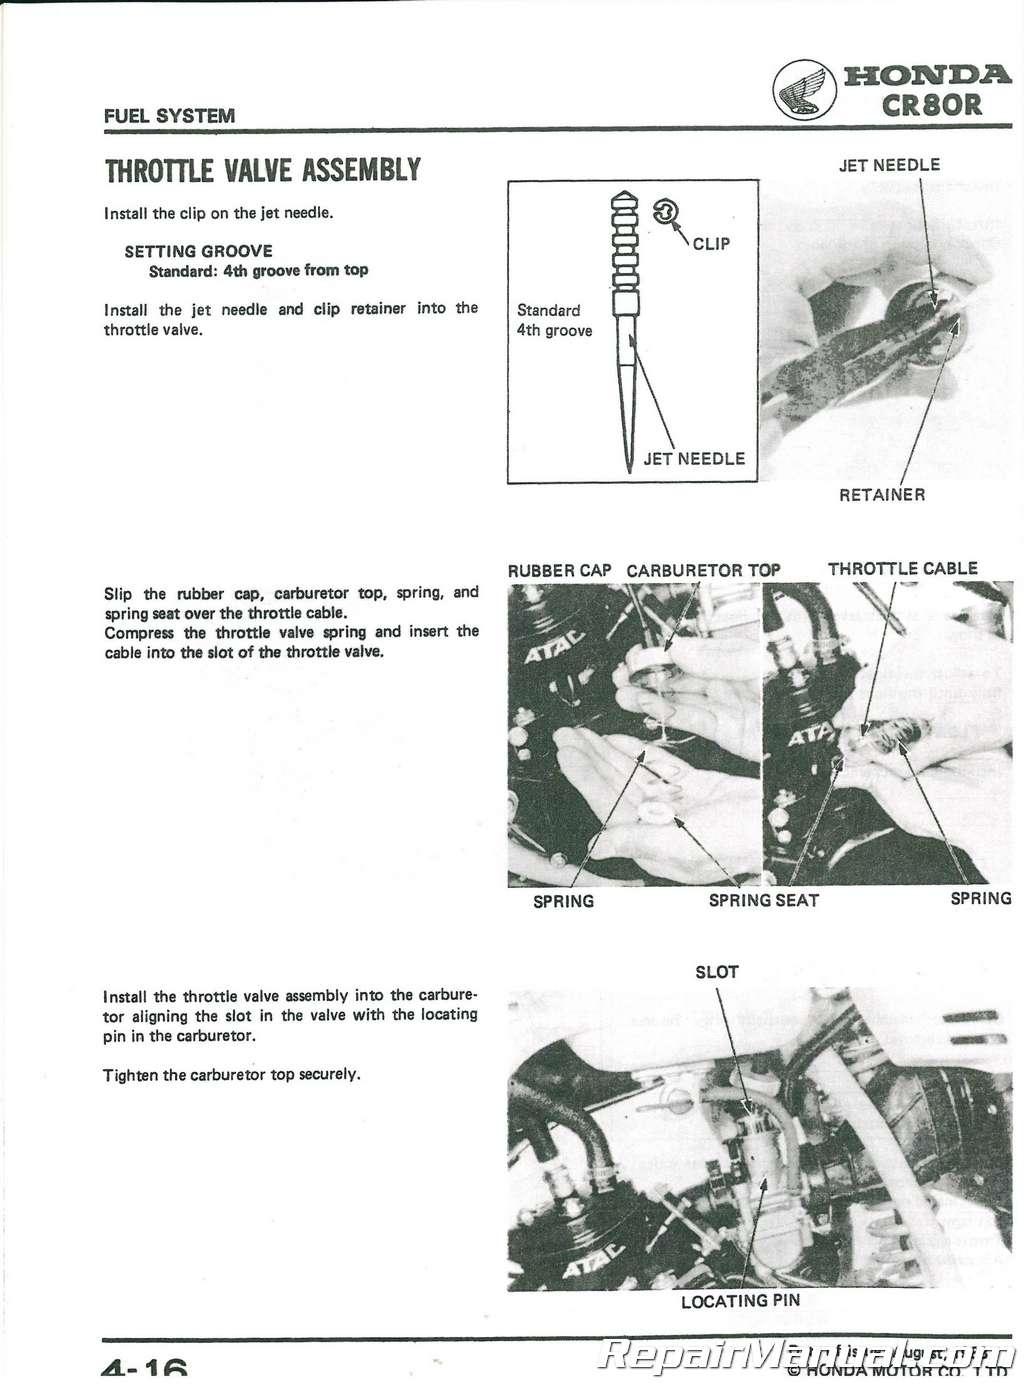 1984 Honda Cr80r Shop Manual